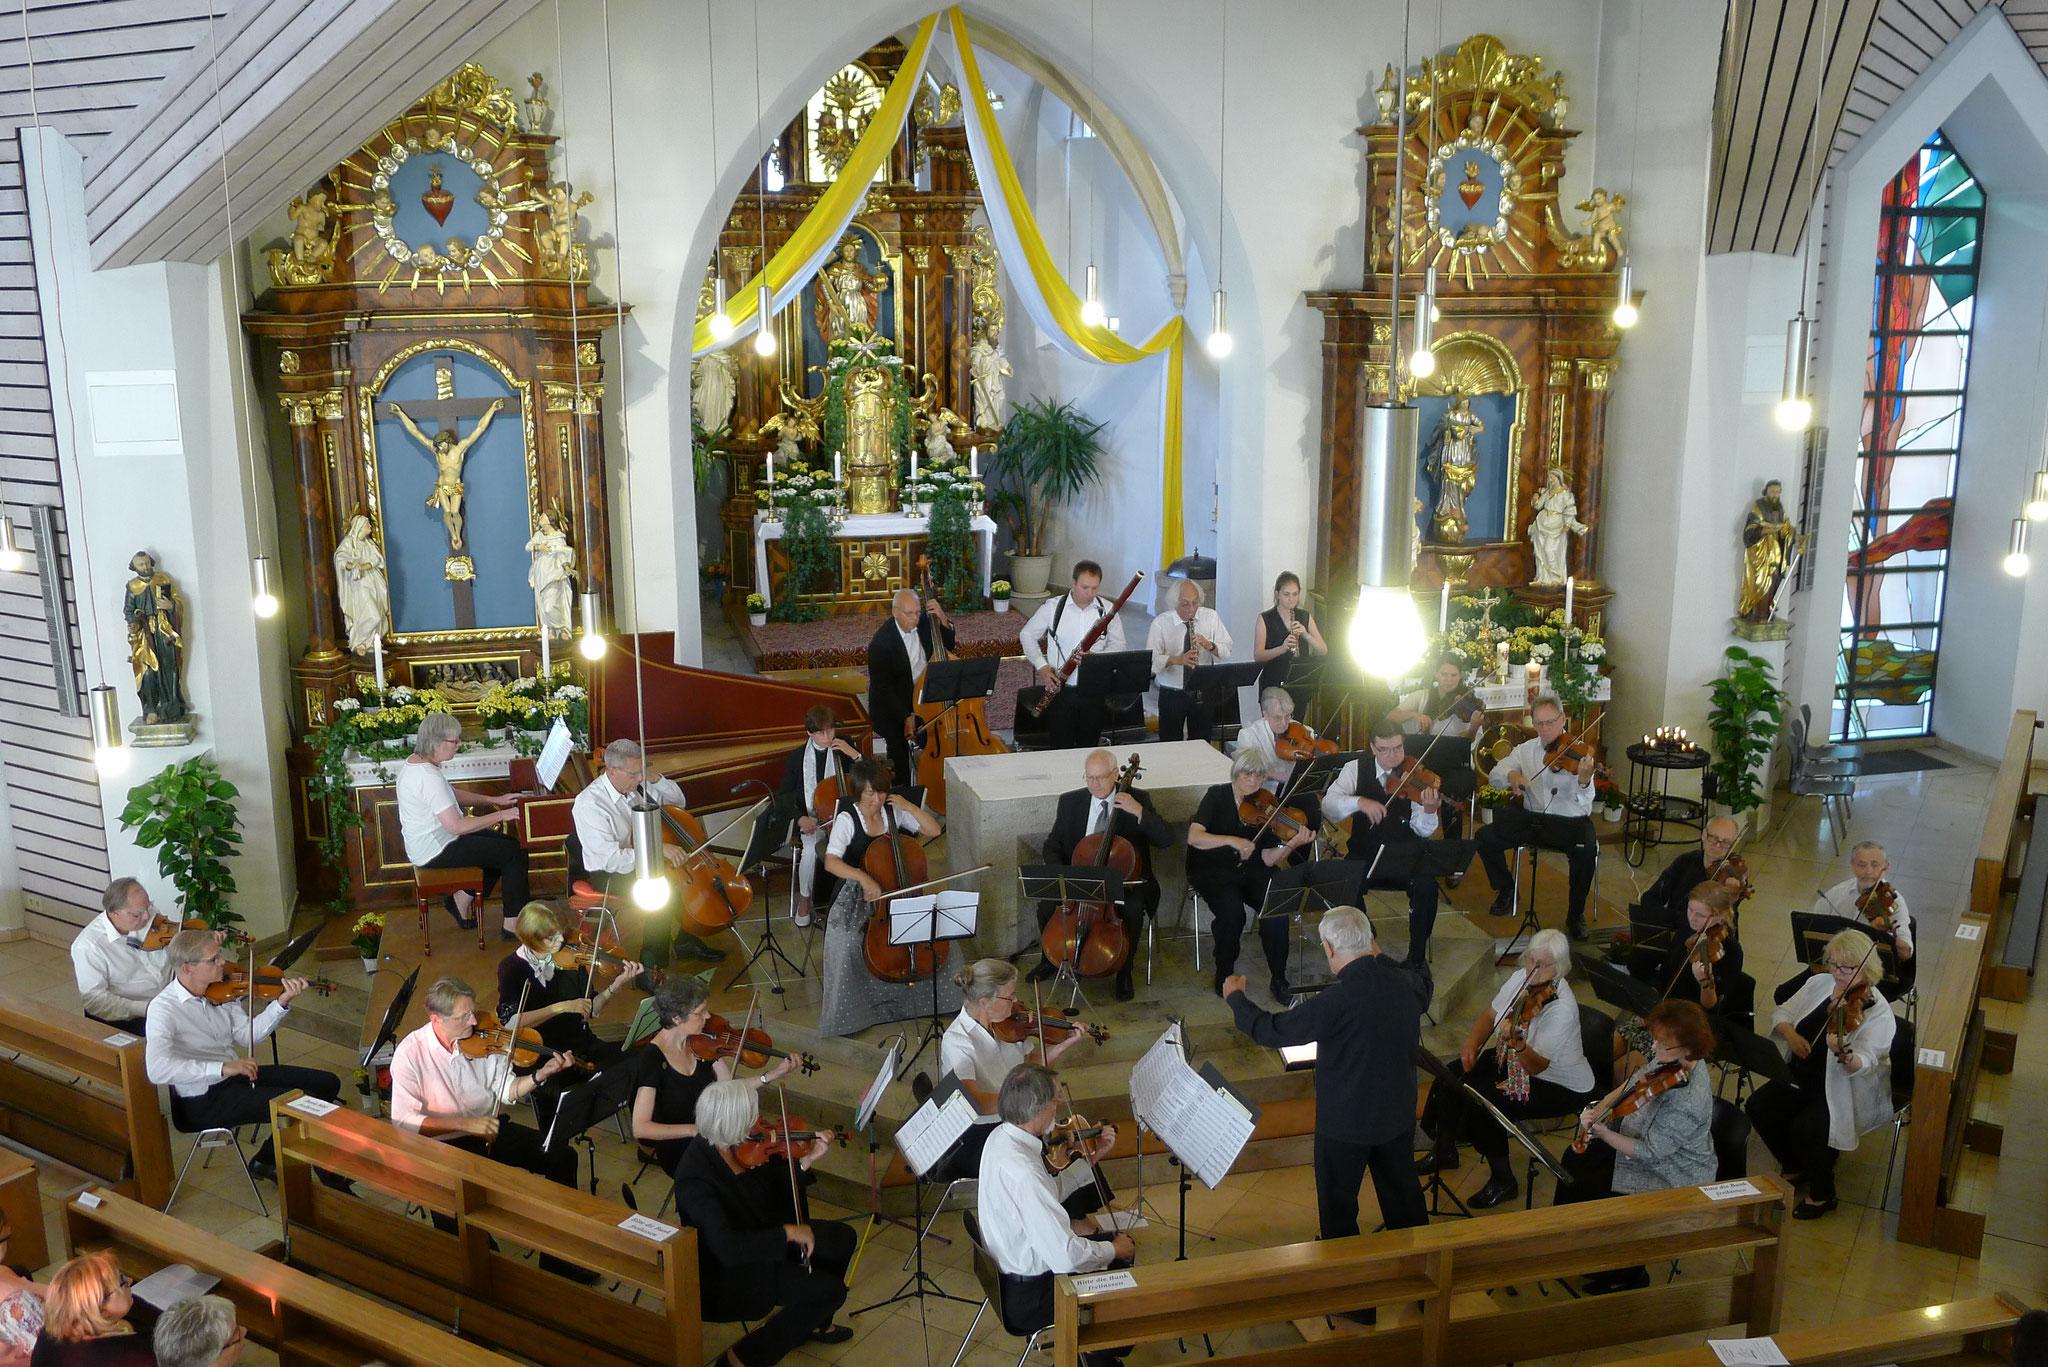 Katholische Pfarrkirche St. Peter und Paul Kemmern - 23. Juli 2017